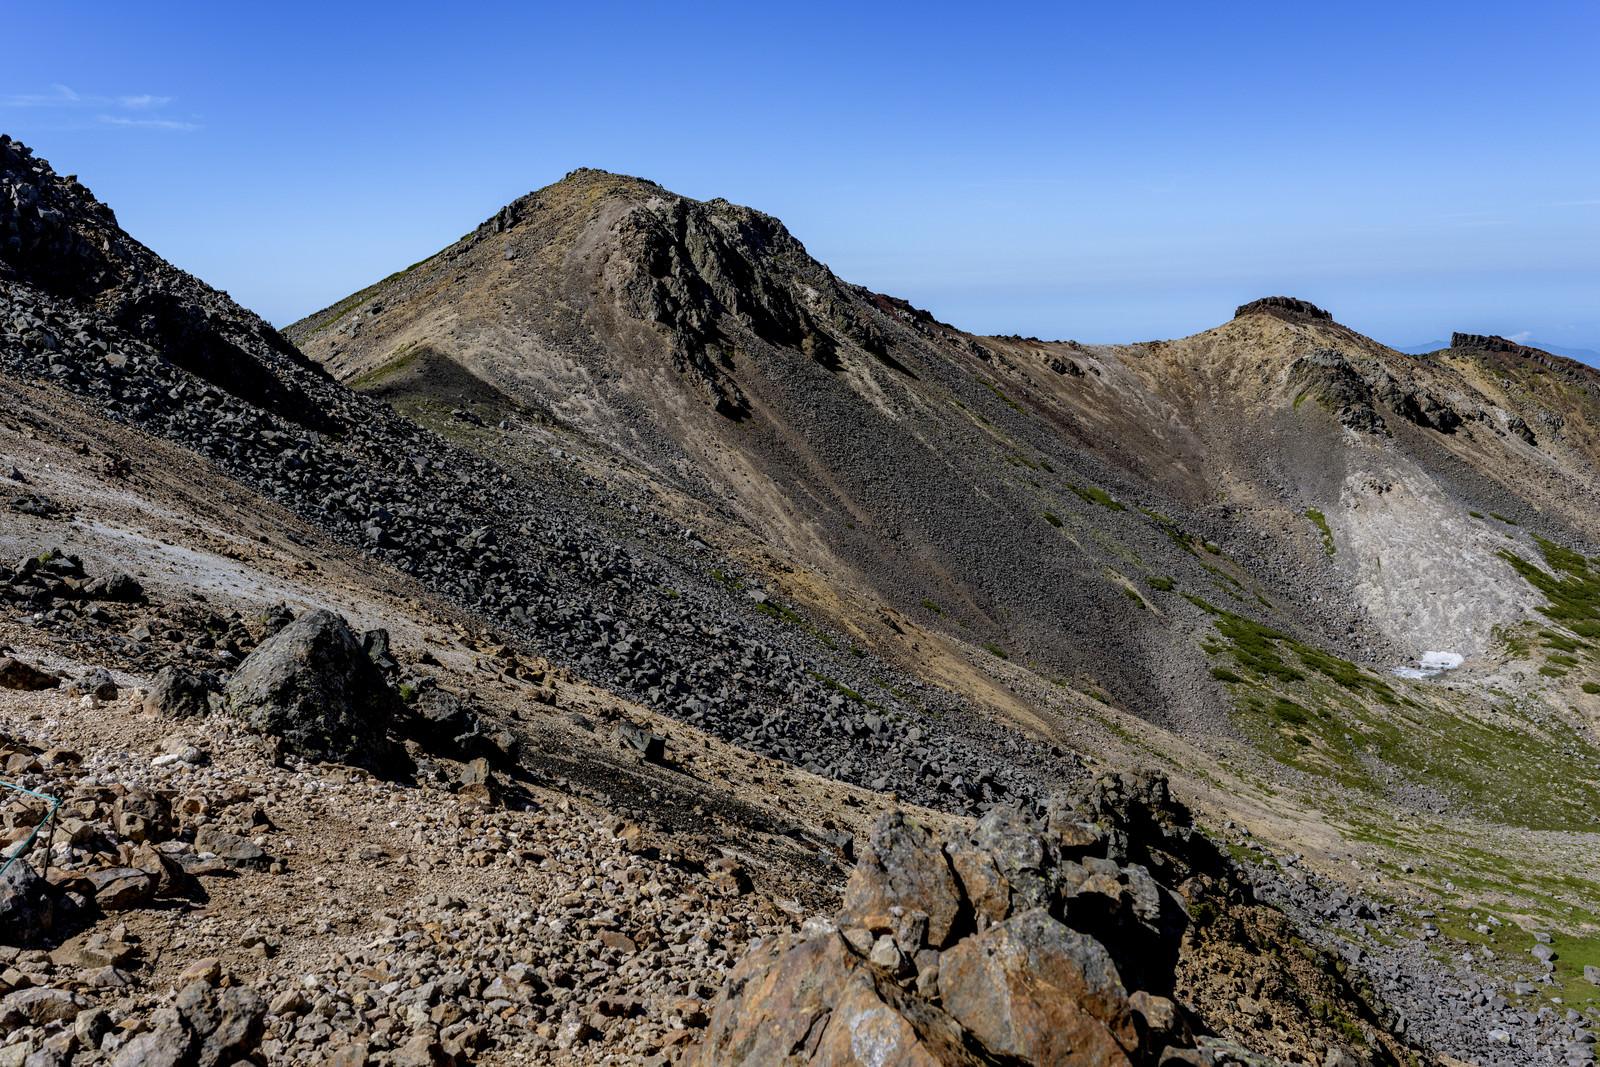 「岩だらけの乗鞍岳稜線」の写真